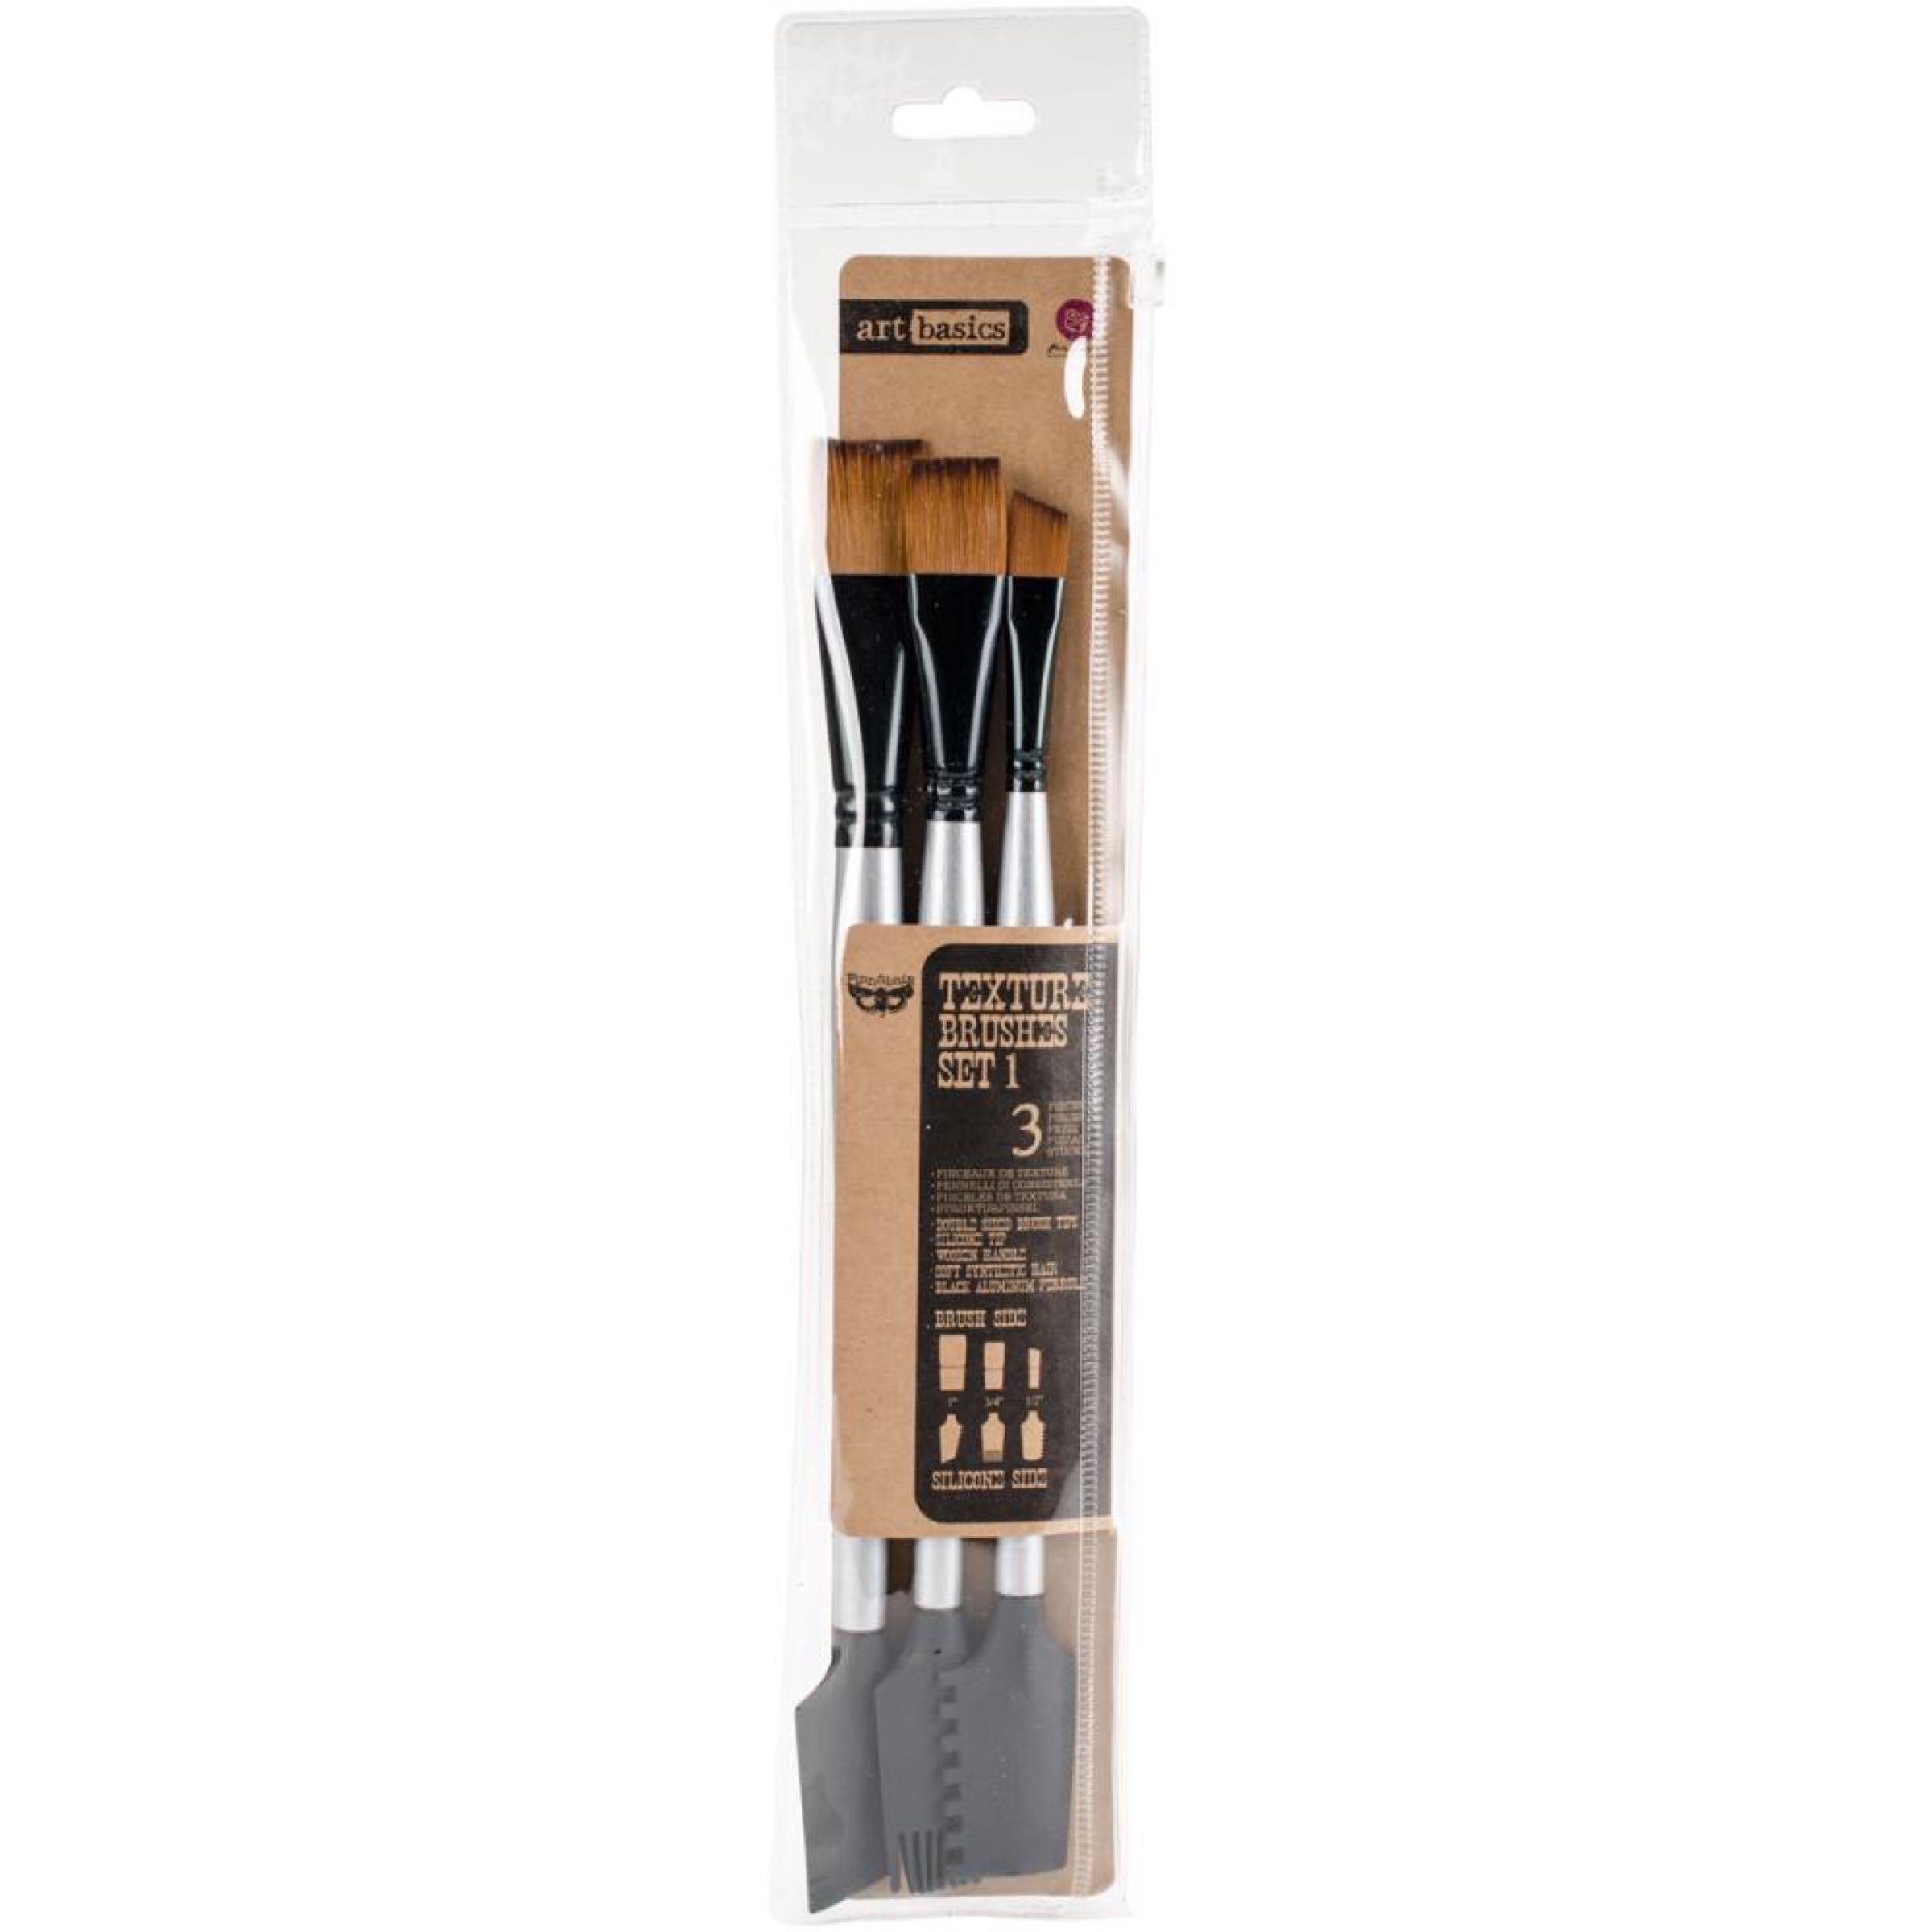 Finnabair Art Basics Double Ended Texture Brushes - Set 1